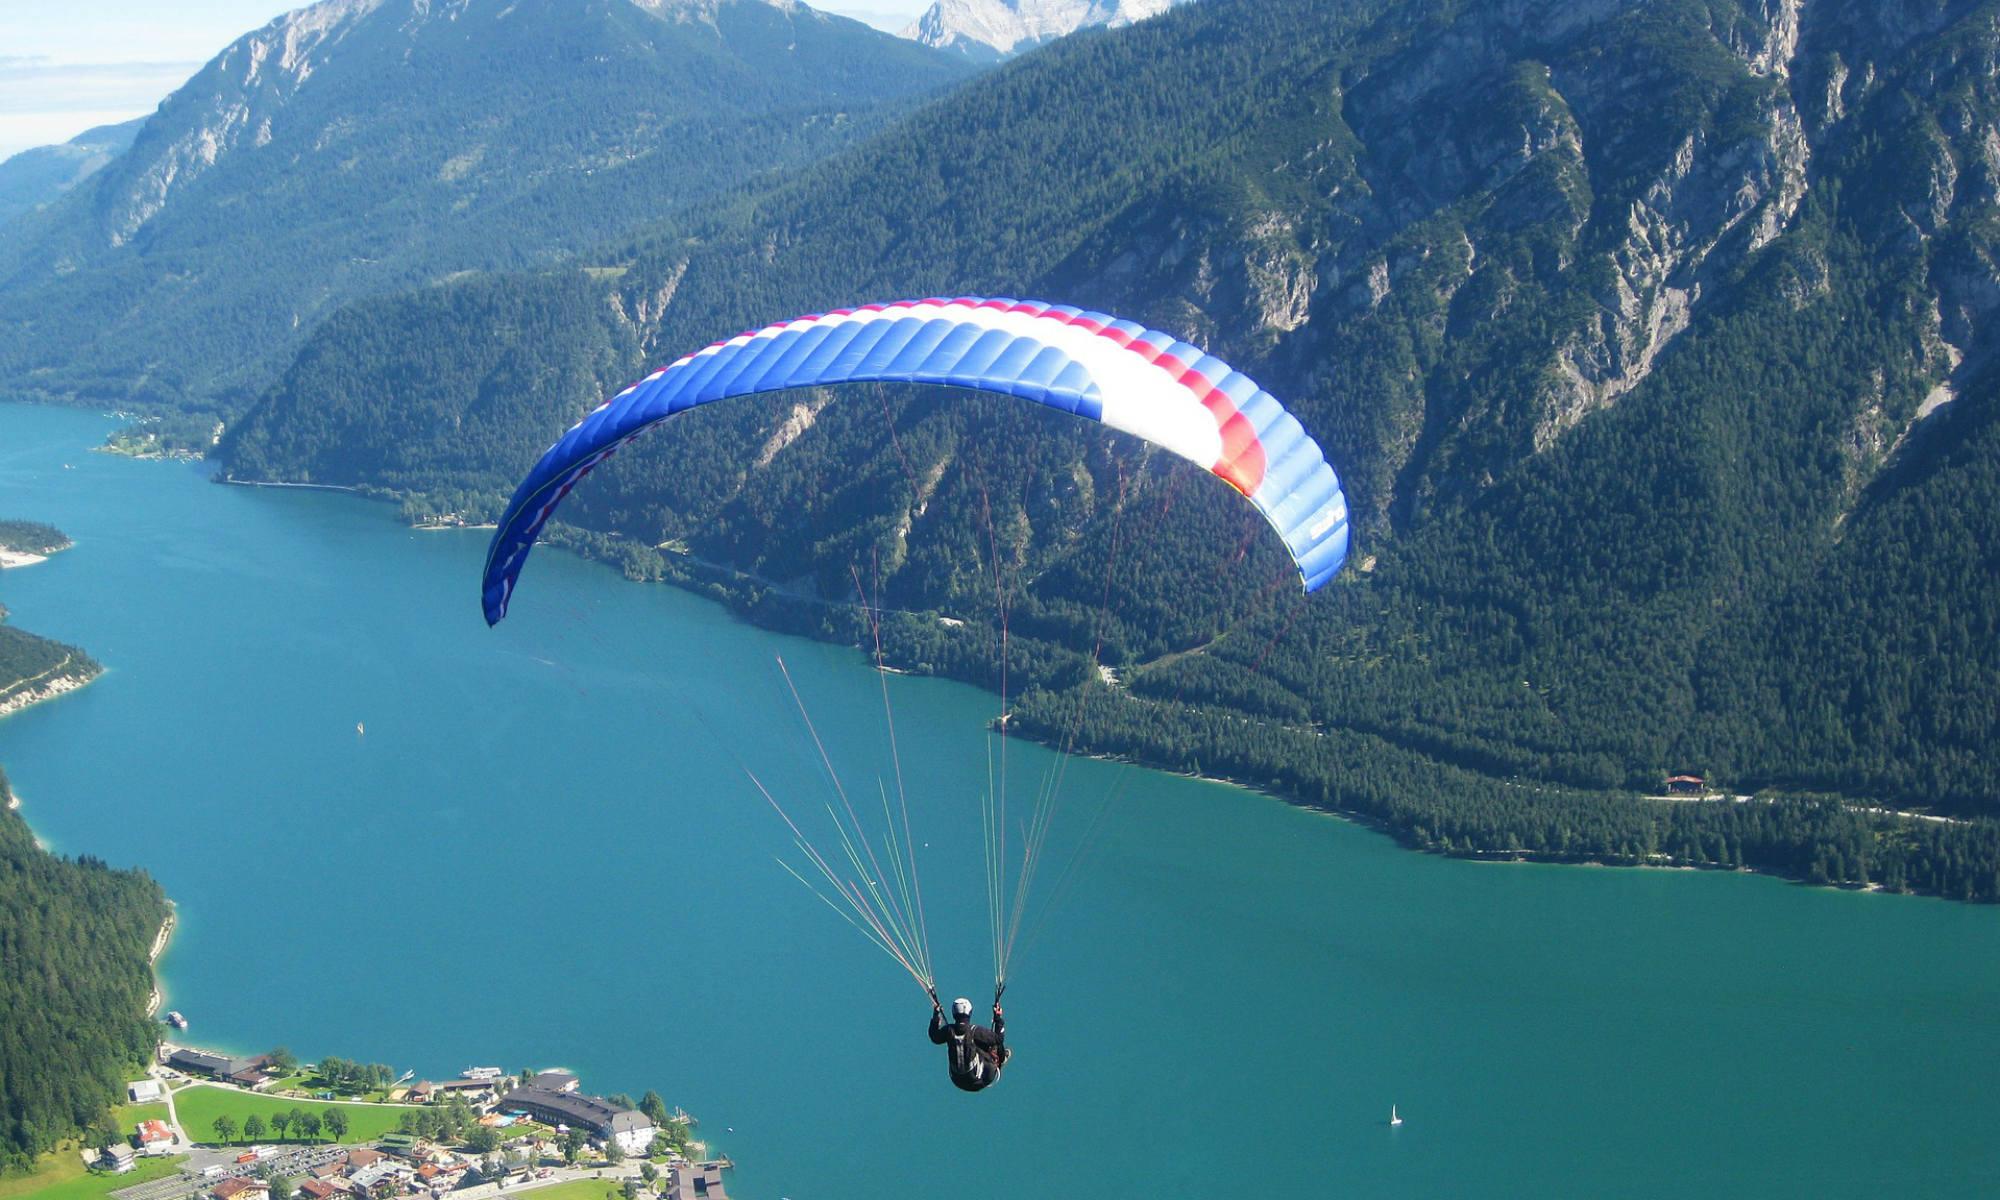 Ein Gleitschirmflieger über dem Achensee, mit den Alpen im Hintergrund.